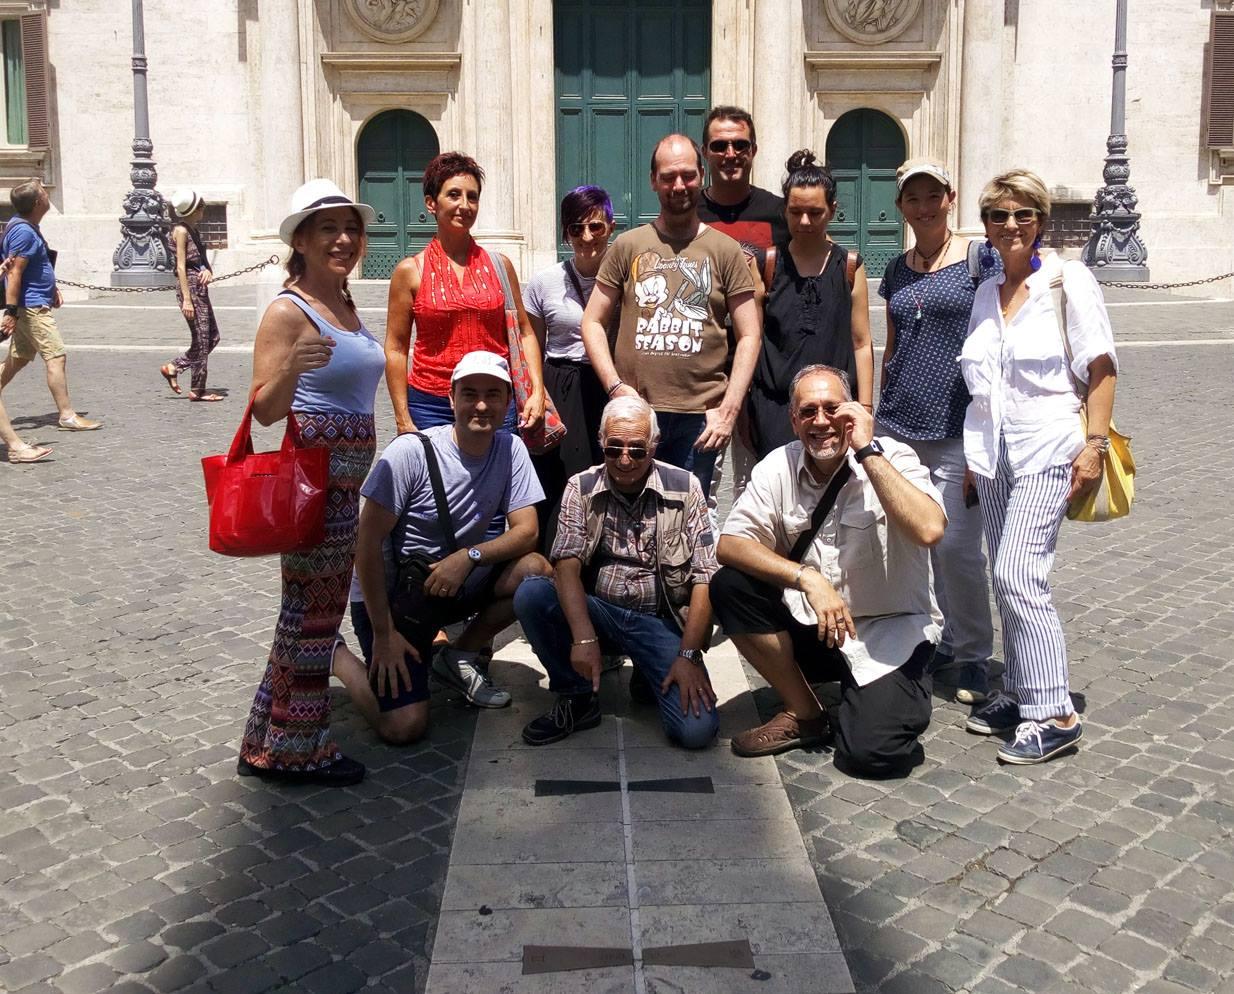 All'ombra del gigantesco obelisco di Psammetico II, un tempo gnomone dell'Horologium Augusti, alcuni corsisti assistono al transito sulla linea meridiana: è il mezzogiorno solare vero!